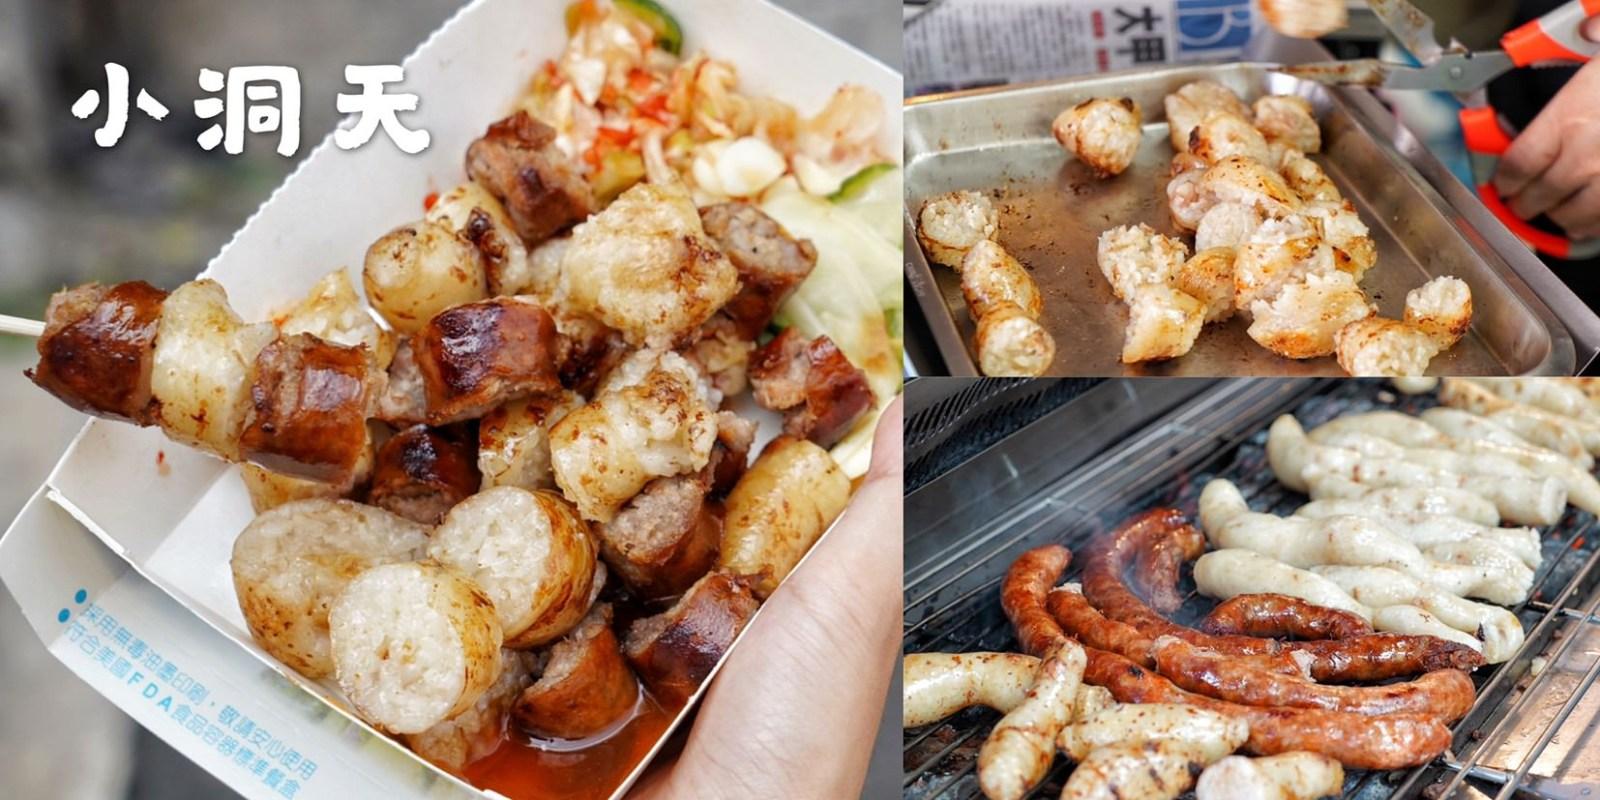 【新竹美食】小洞天米腸香腸專賣店。清大夜市美食。從下午營業至半夜,宵夜也是個很棒的選擇!